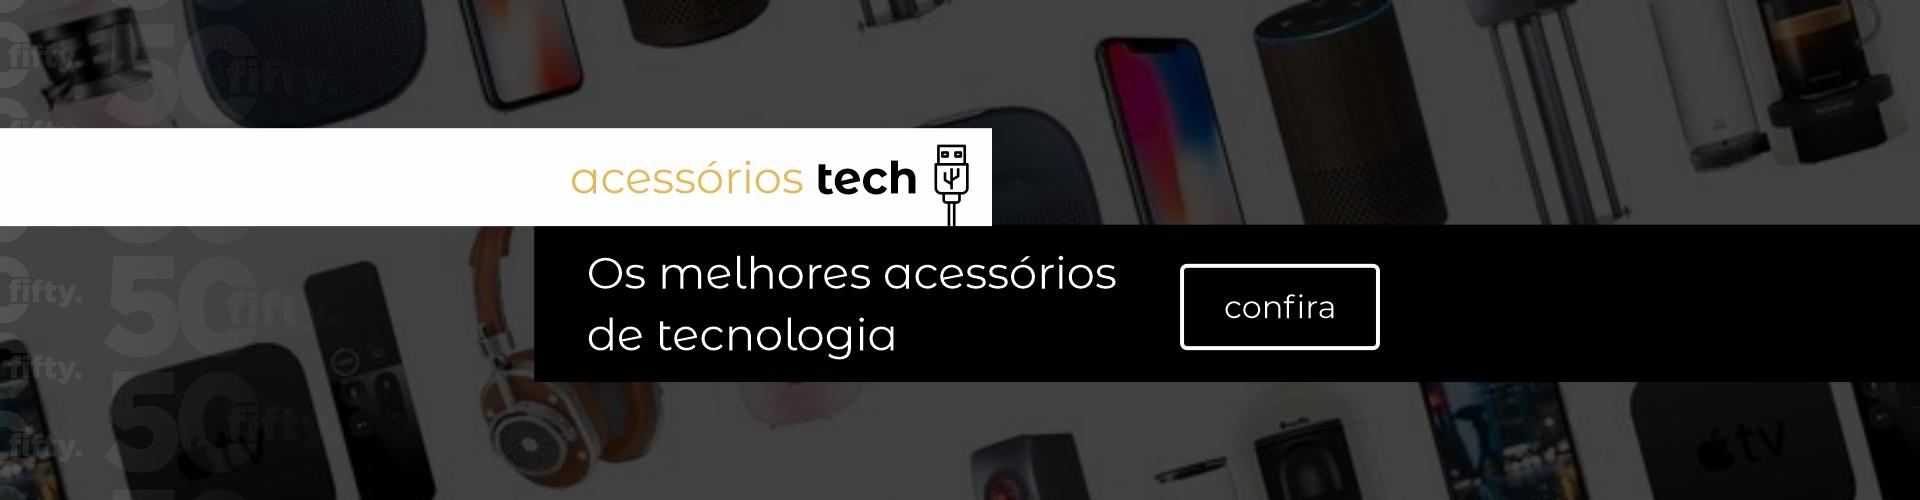 topo_03_tech01